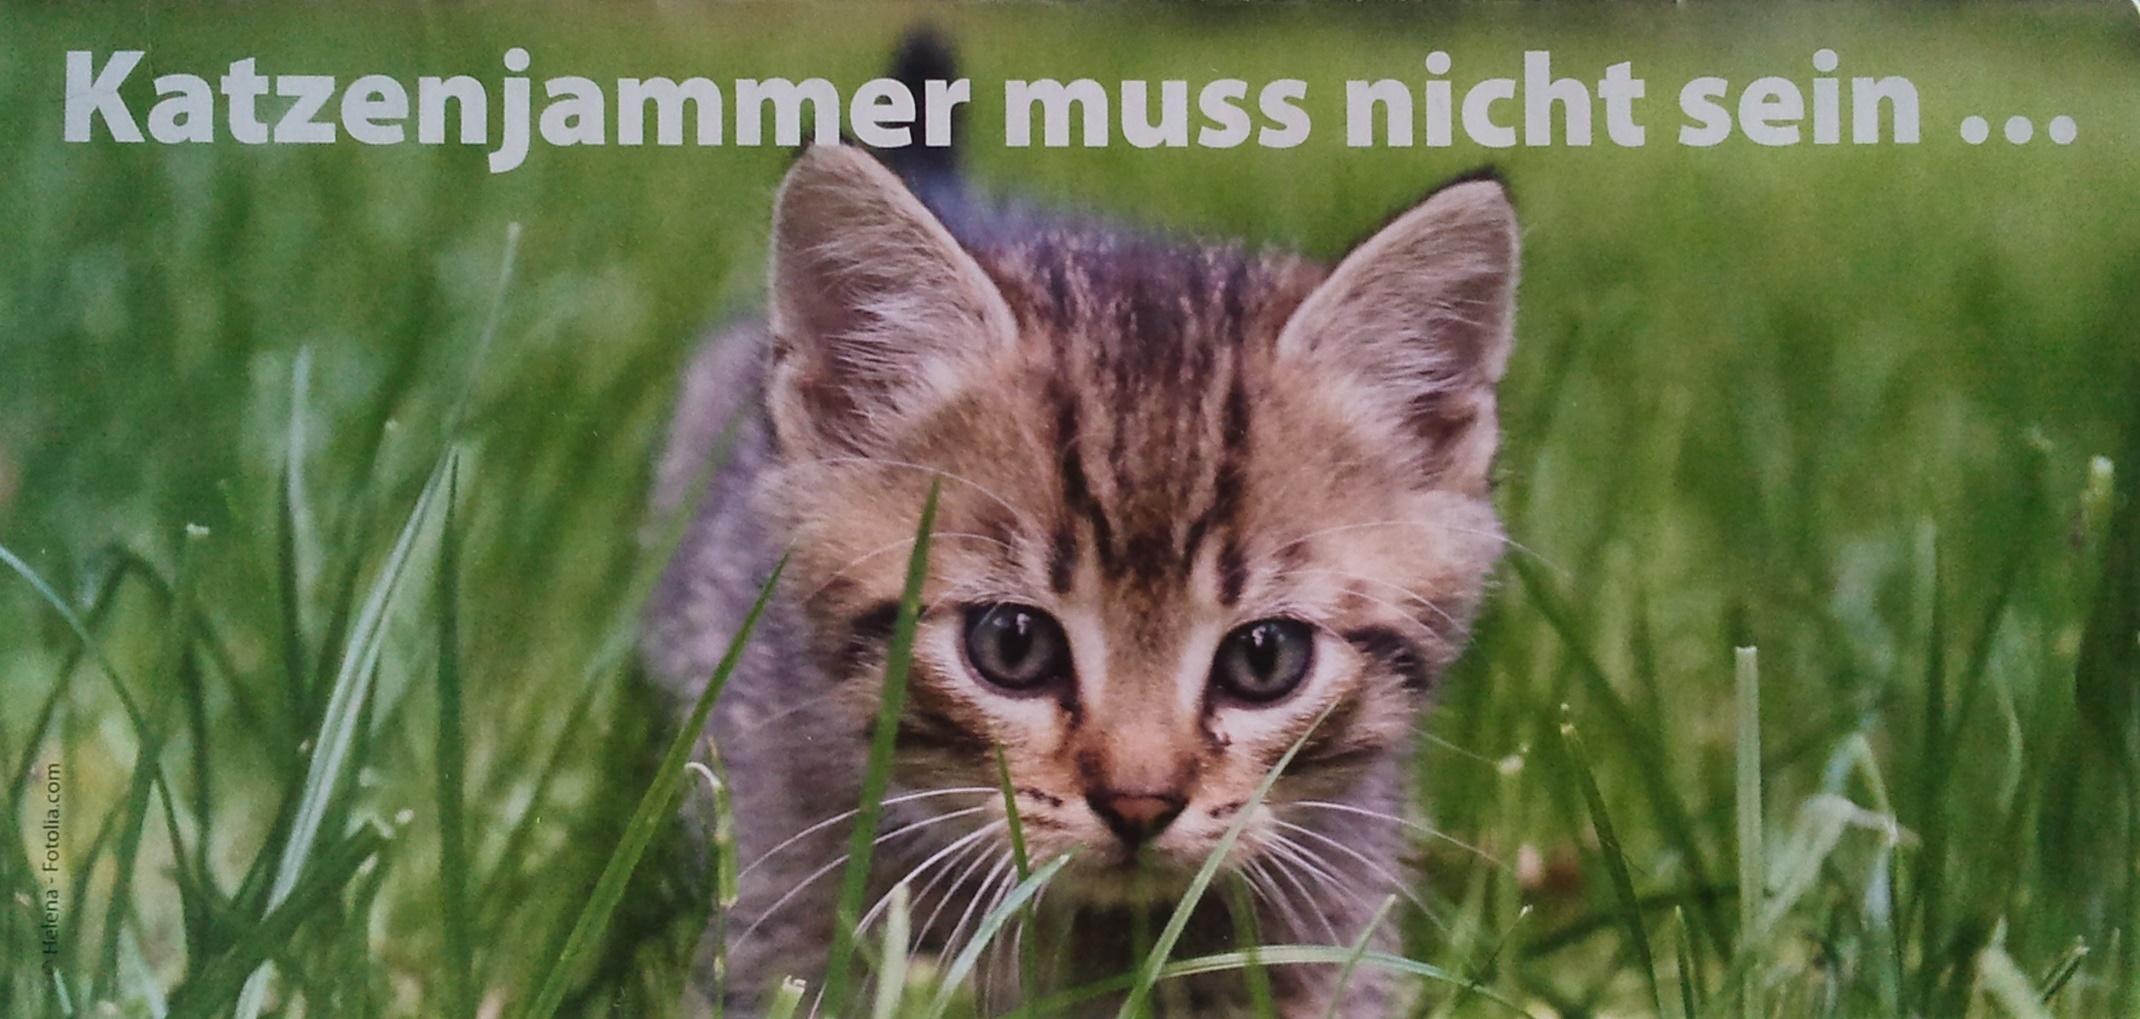 http://www.tierhilfe-dinslaken-voerde.eu/wp-content/uploads/2016/01/Katzenjammer-muss-nicht-sein.jpg